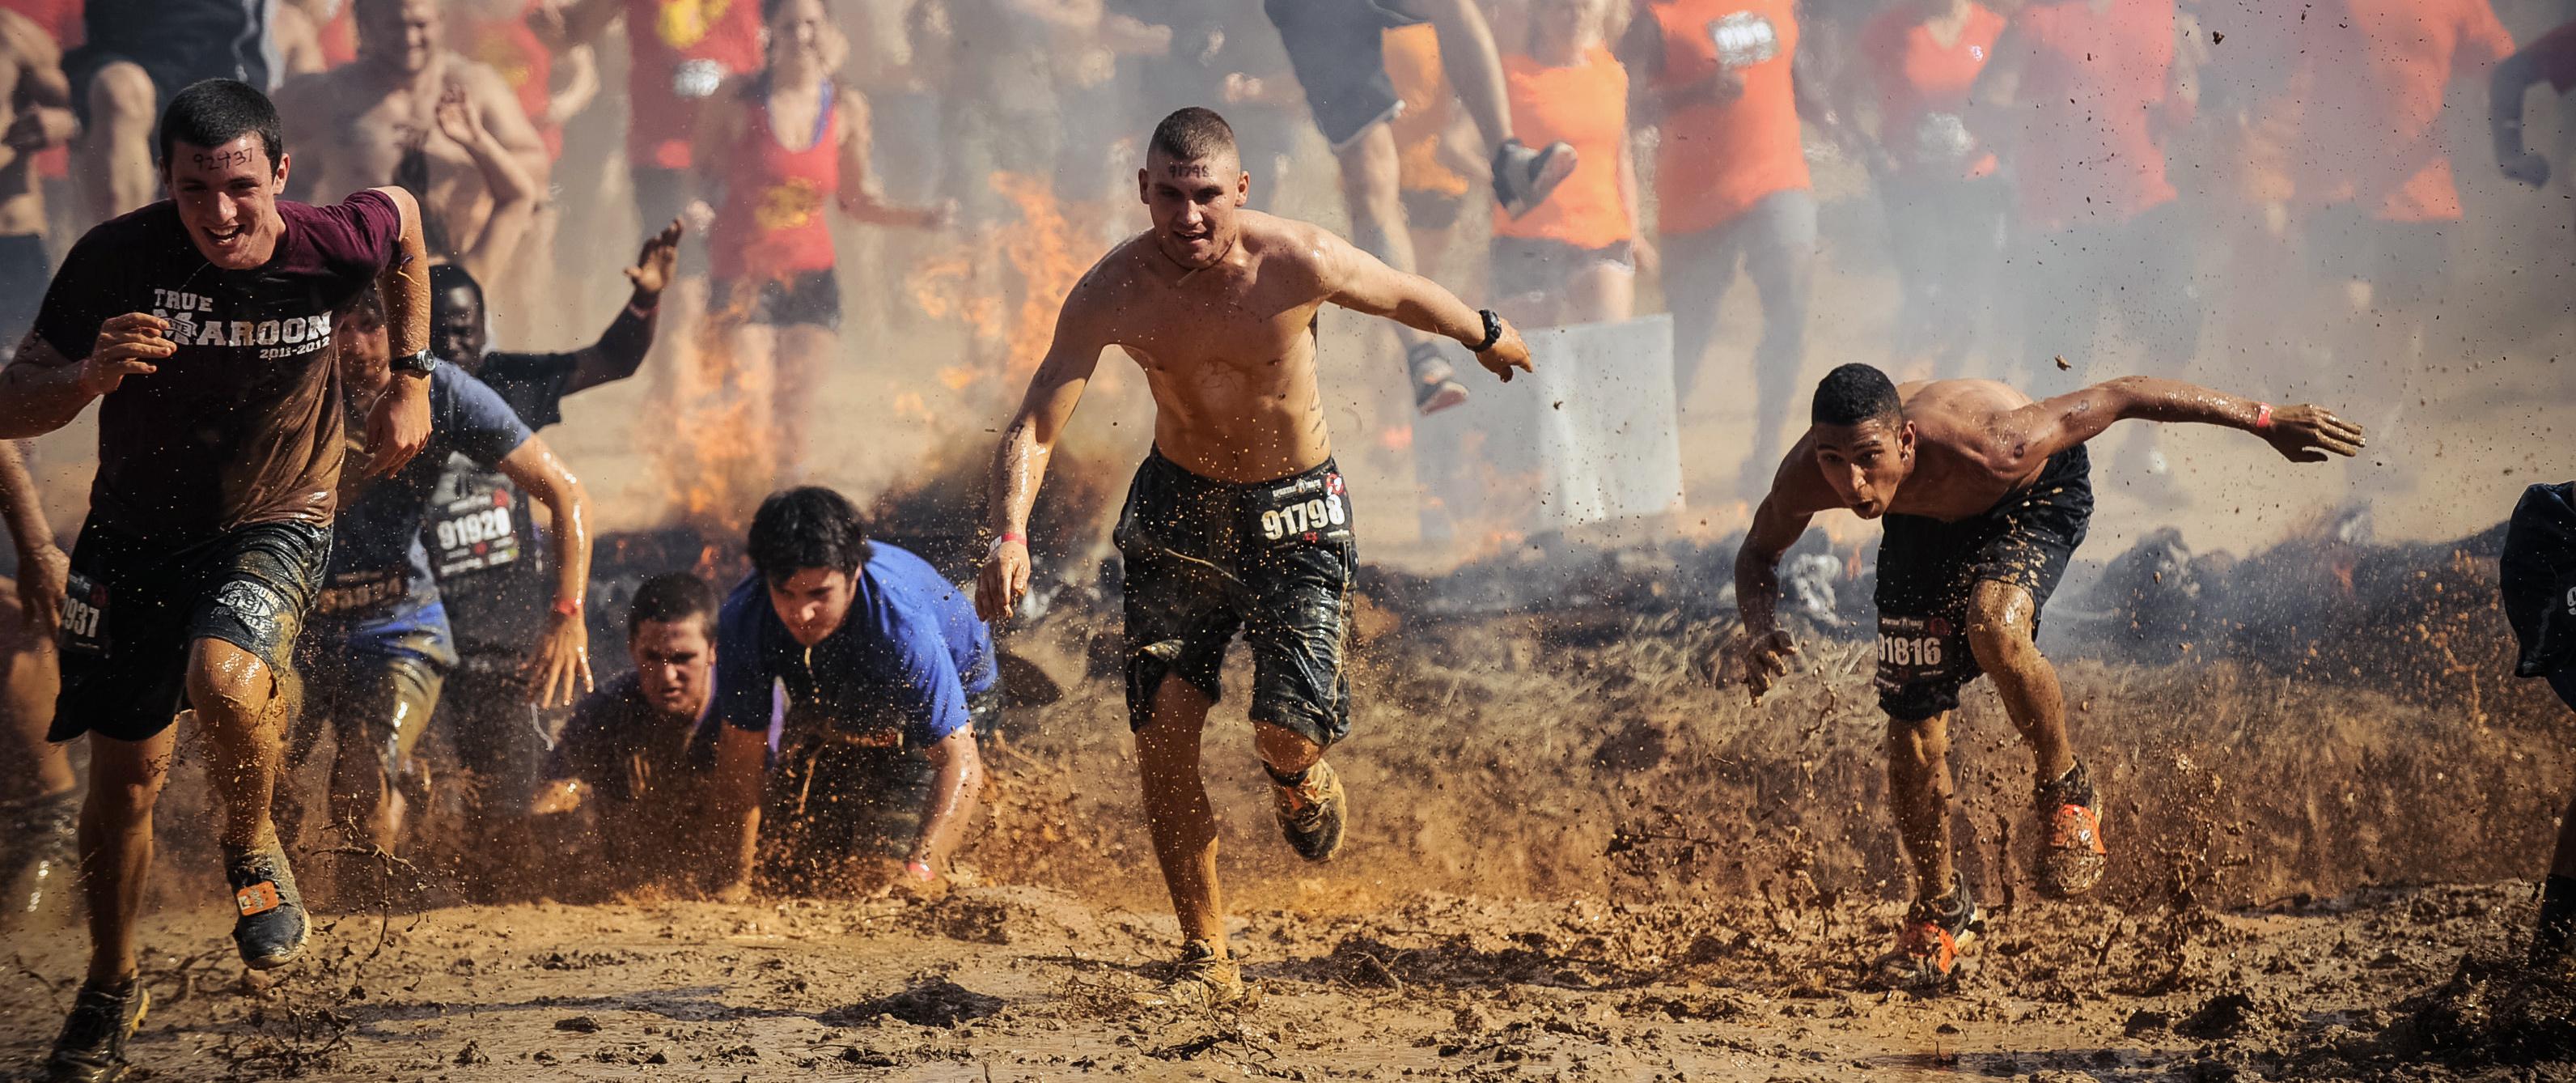 Spartan Race Informazioni ed Allenamenti - Sportivoo